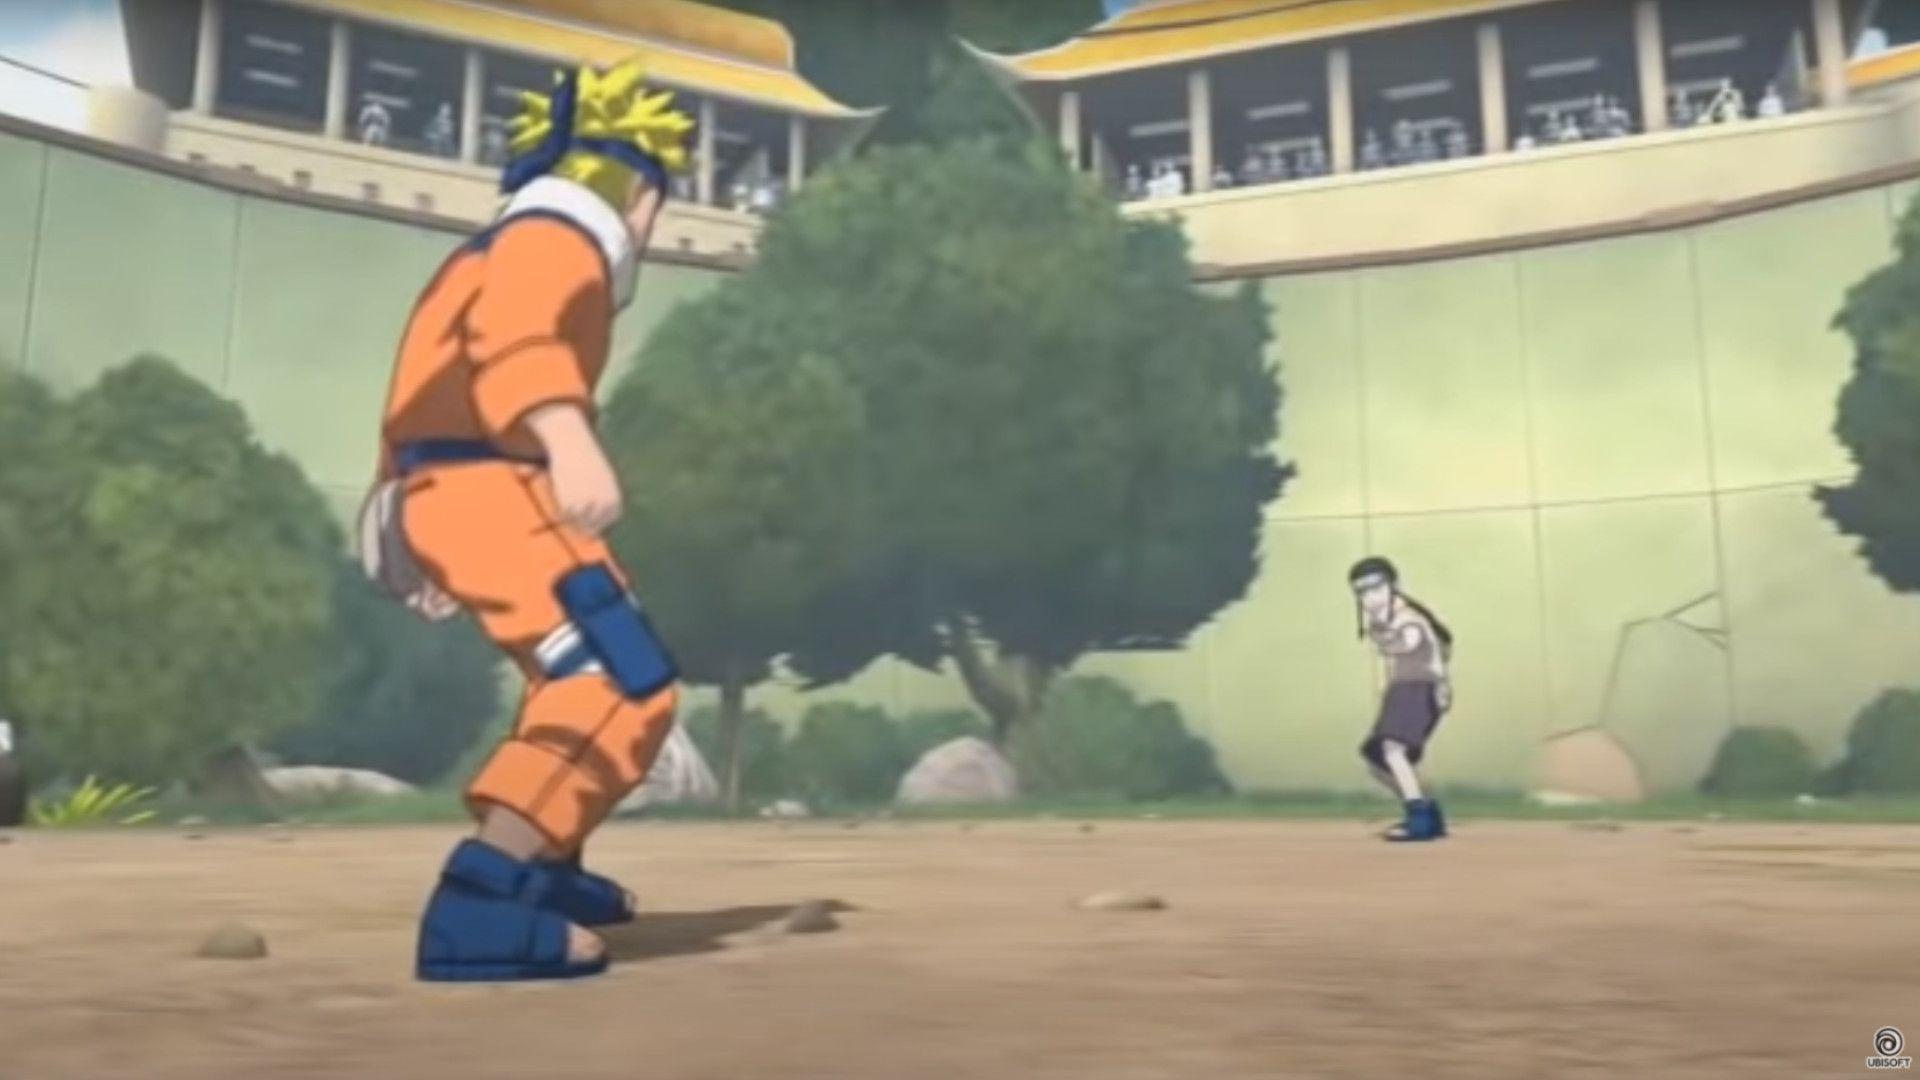 Naruto: Rise of a Ninja foi o primeiro jogo do Naruto feito pela Ubisoft (Foto: Divulgação/Ubisoft)